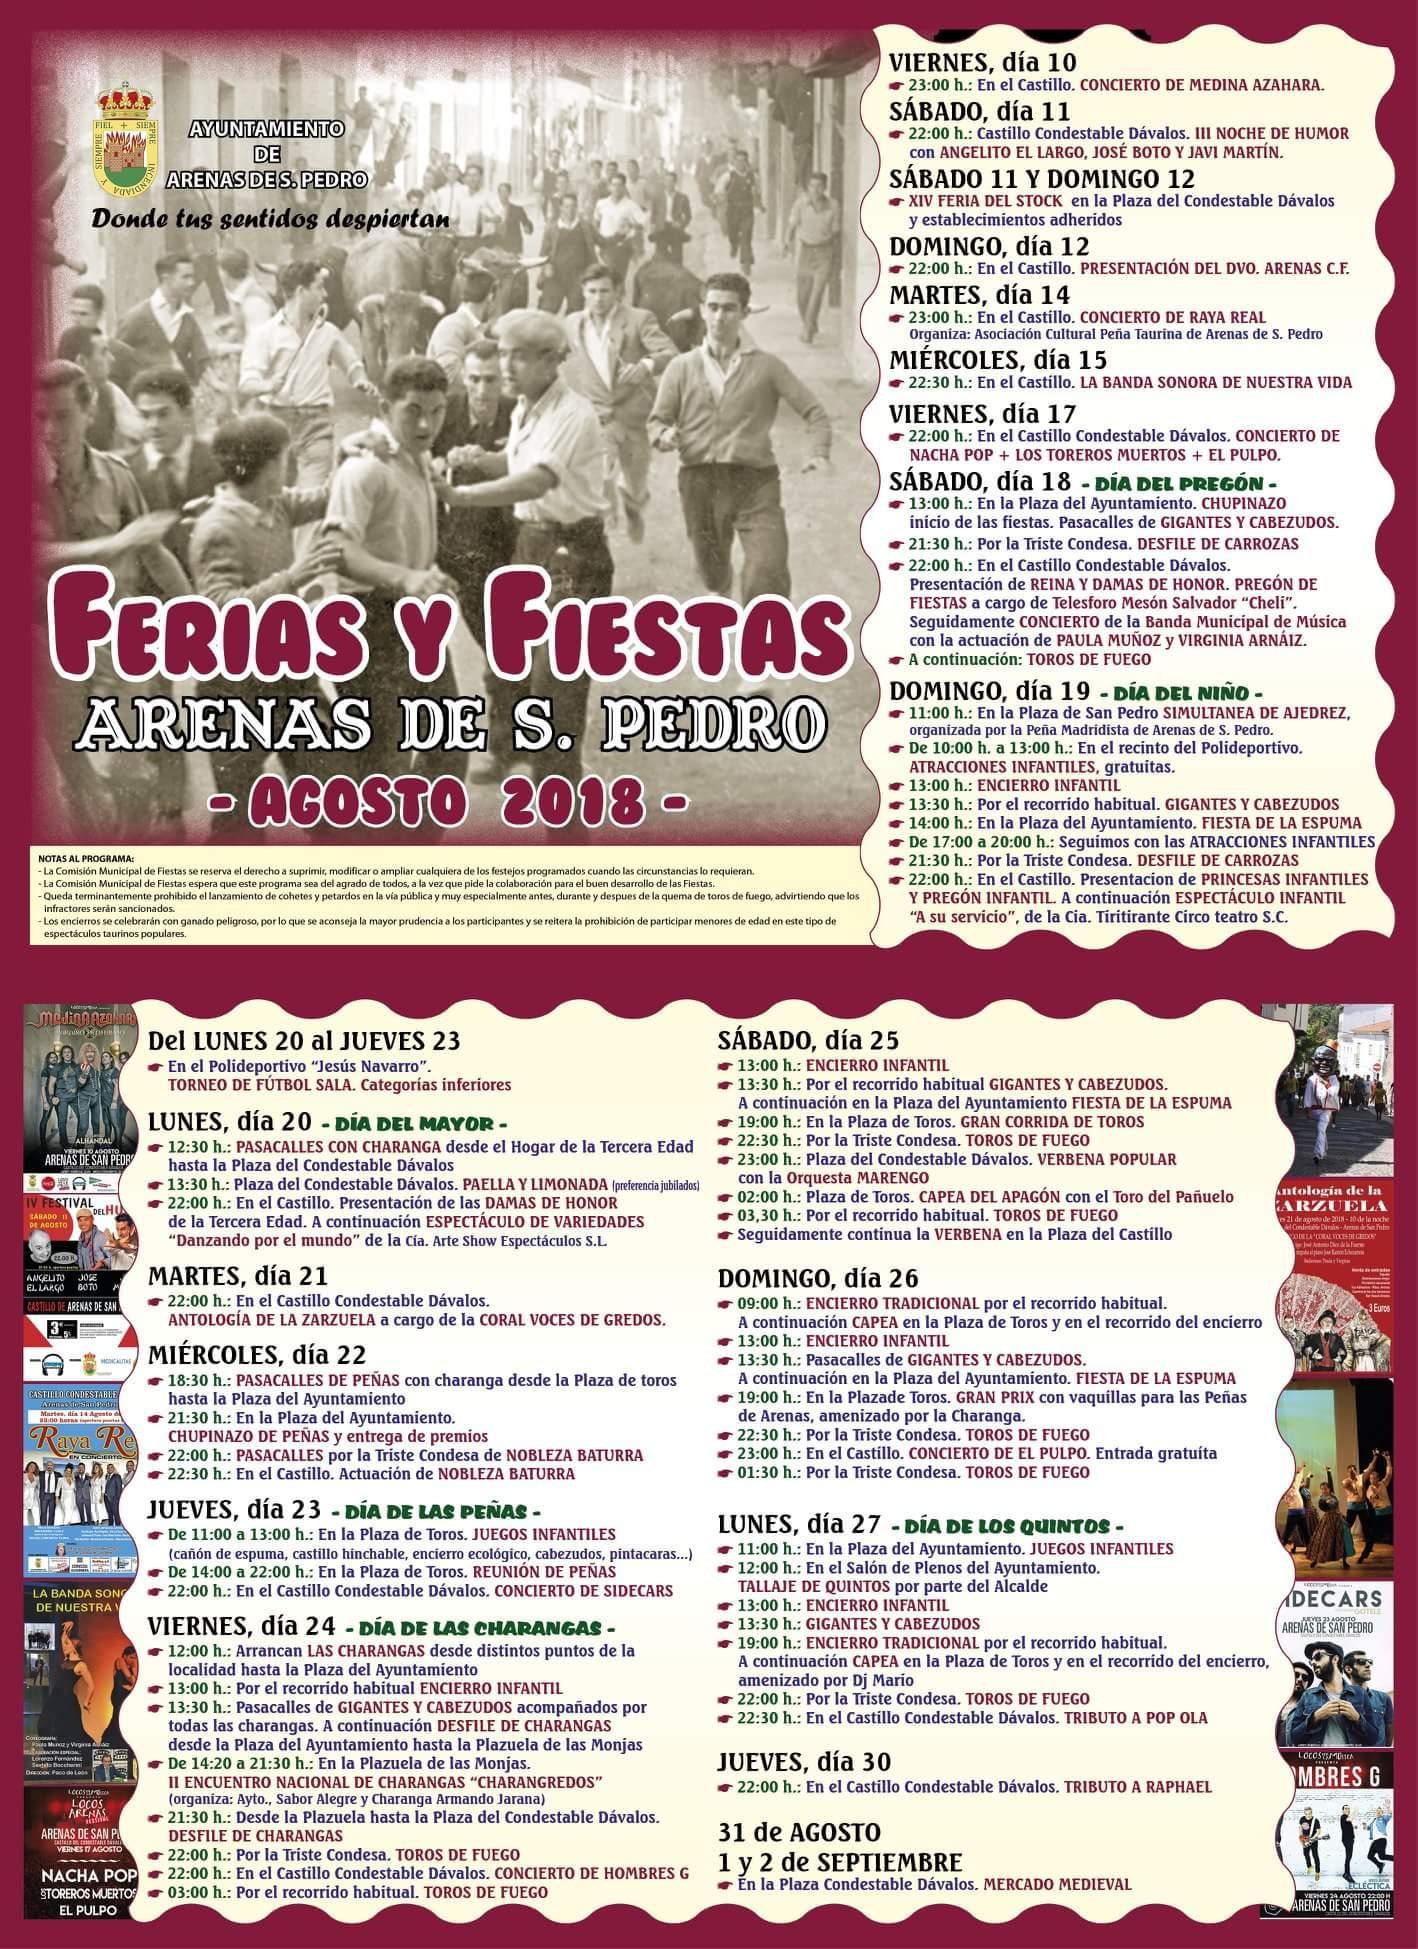 Ferias y fiestas 2018 - Arenas de San Pedro